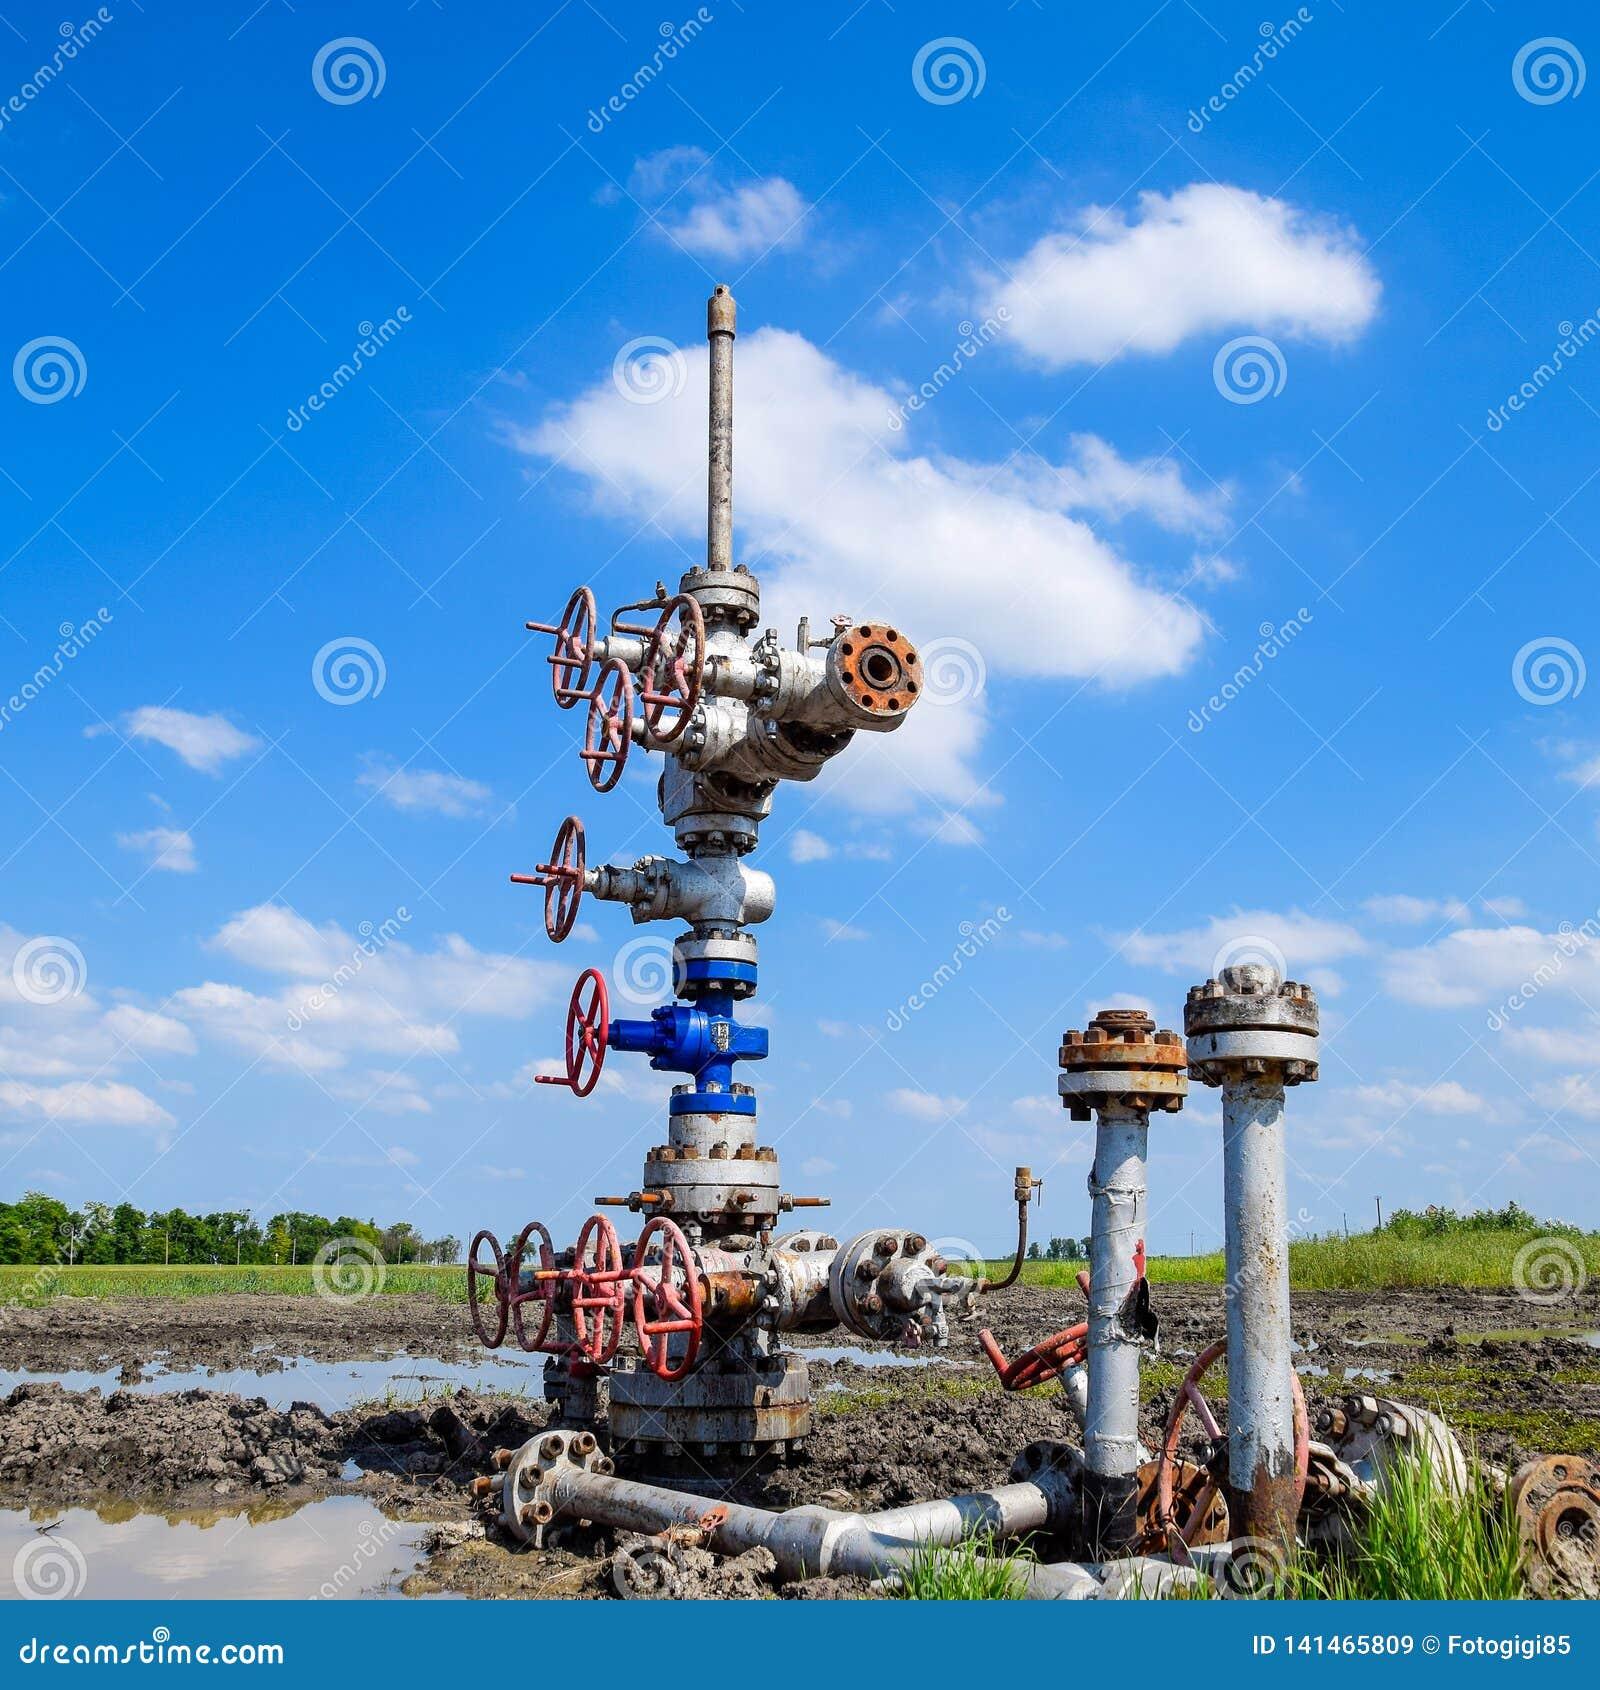 Нефтяная скважина после ремонта в грязи и лужицах